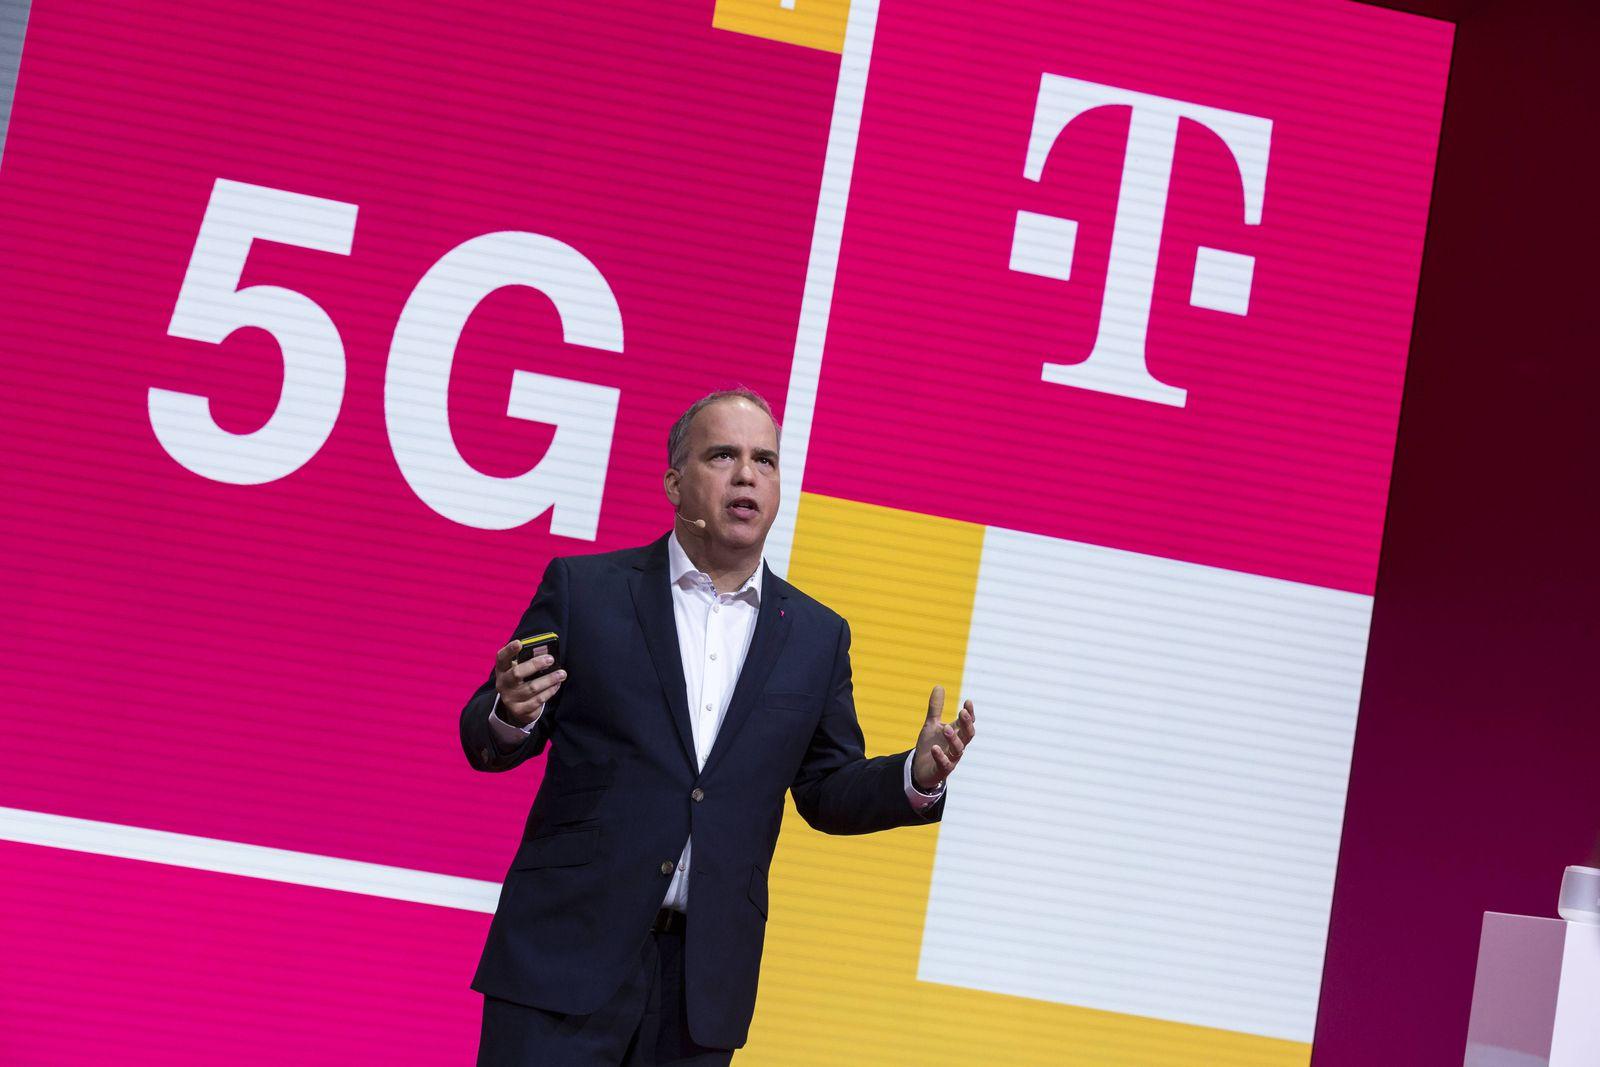 Dr Dirk Wössner Vorstandsmitglied Deutsche Telekom AG spricht auf der Internationale Funkausstell